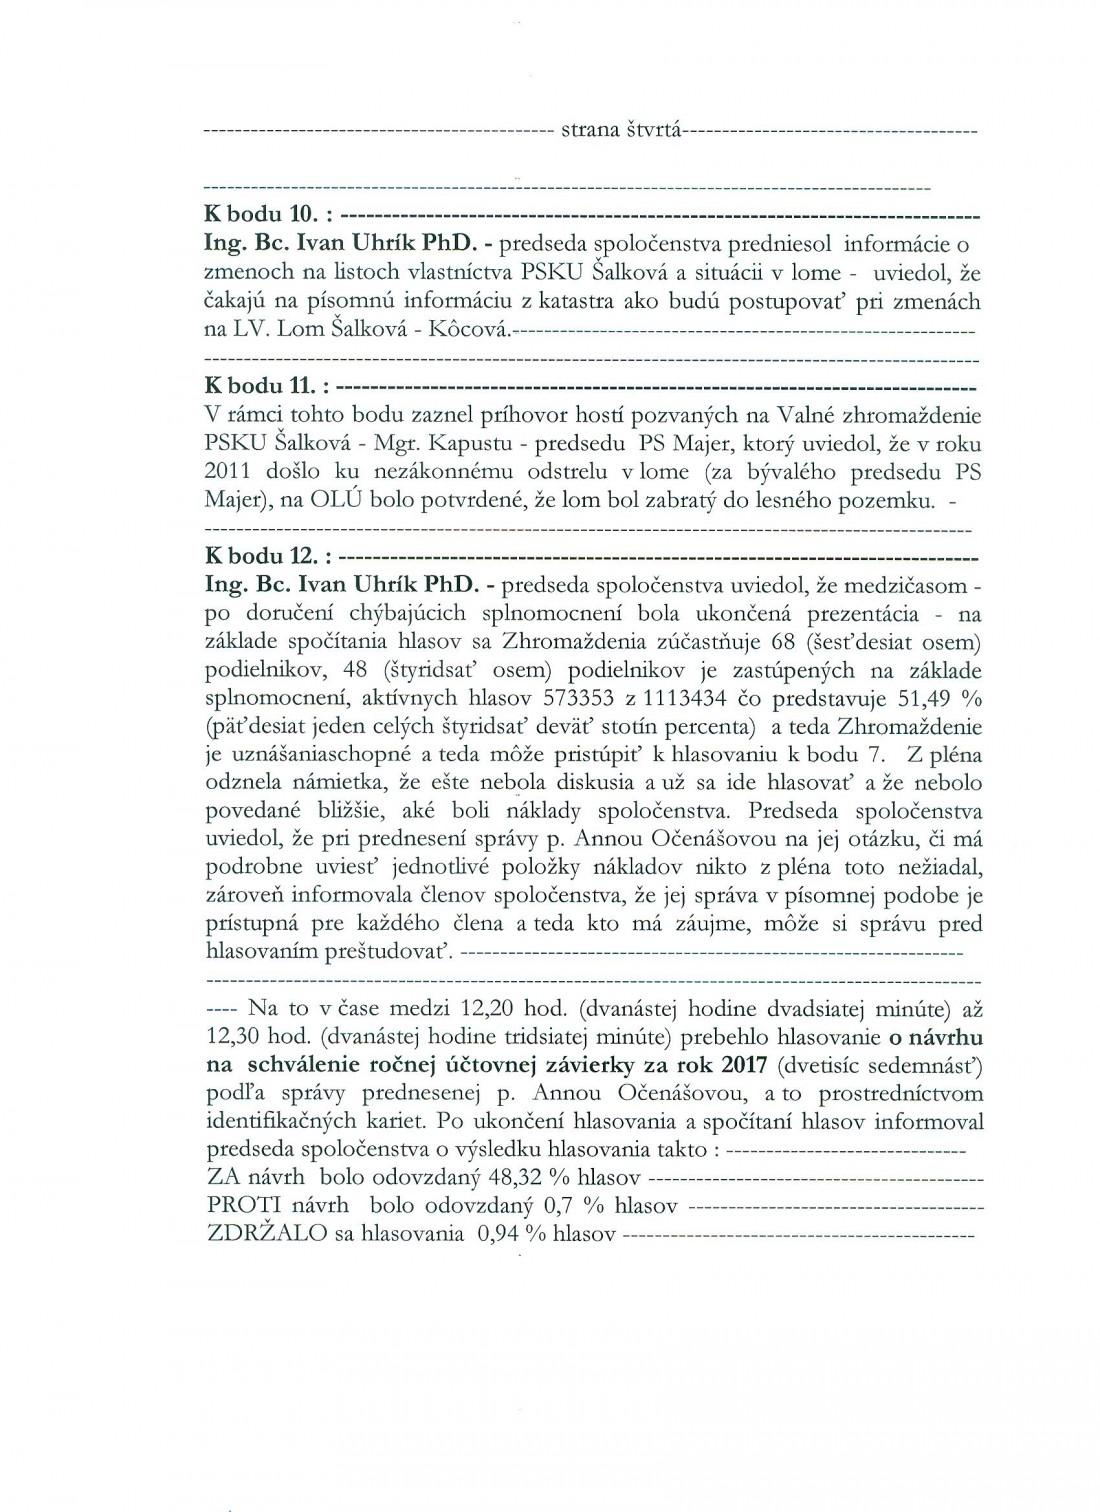 notarska zapisnica N811-2018_Page_4